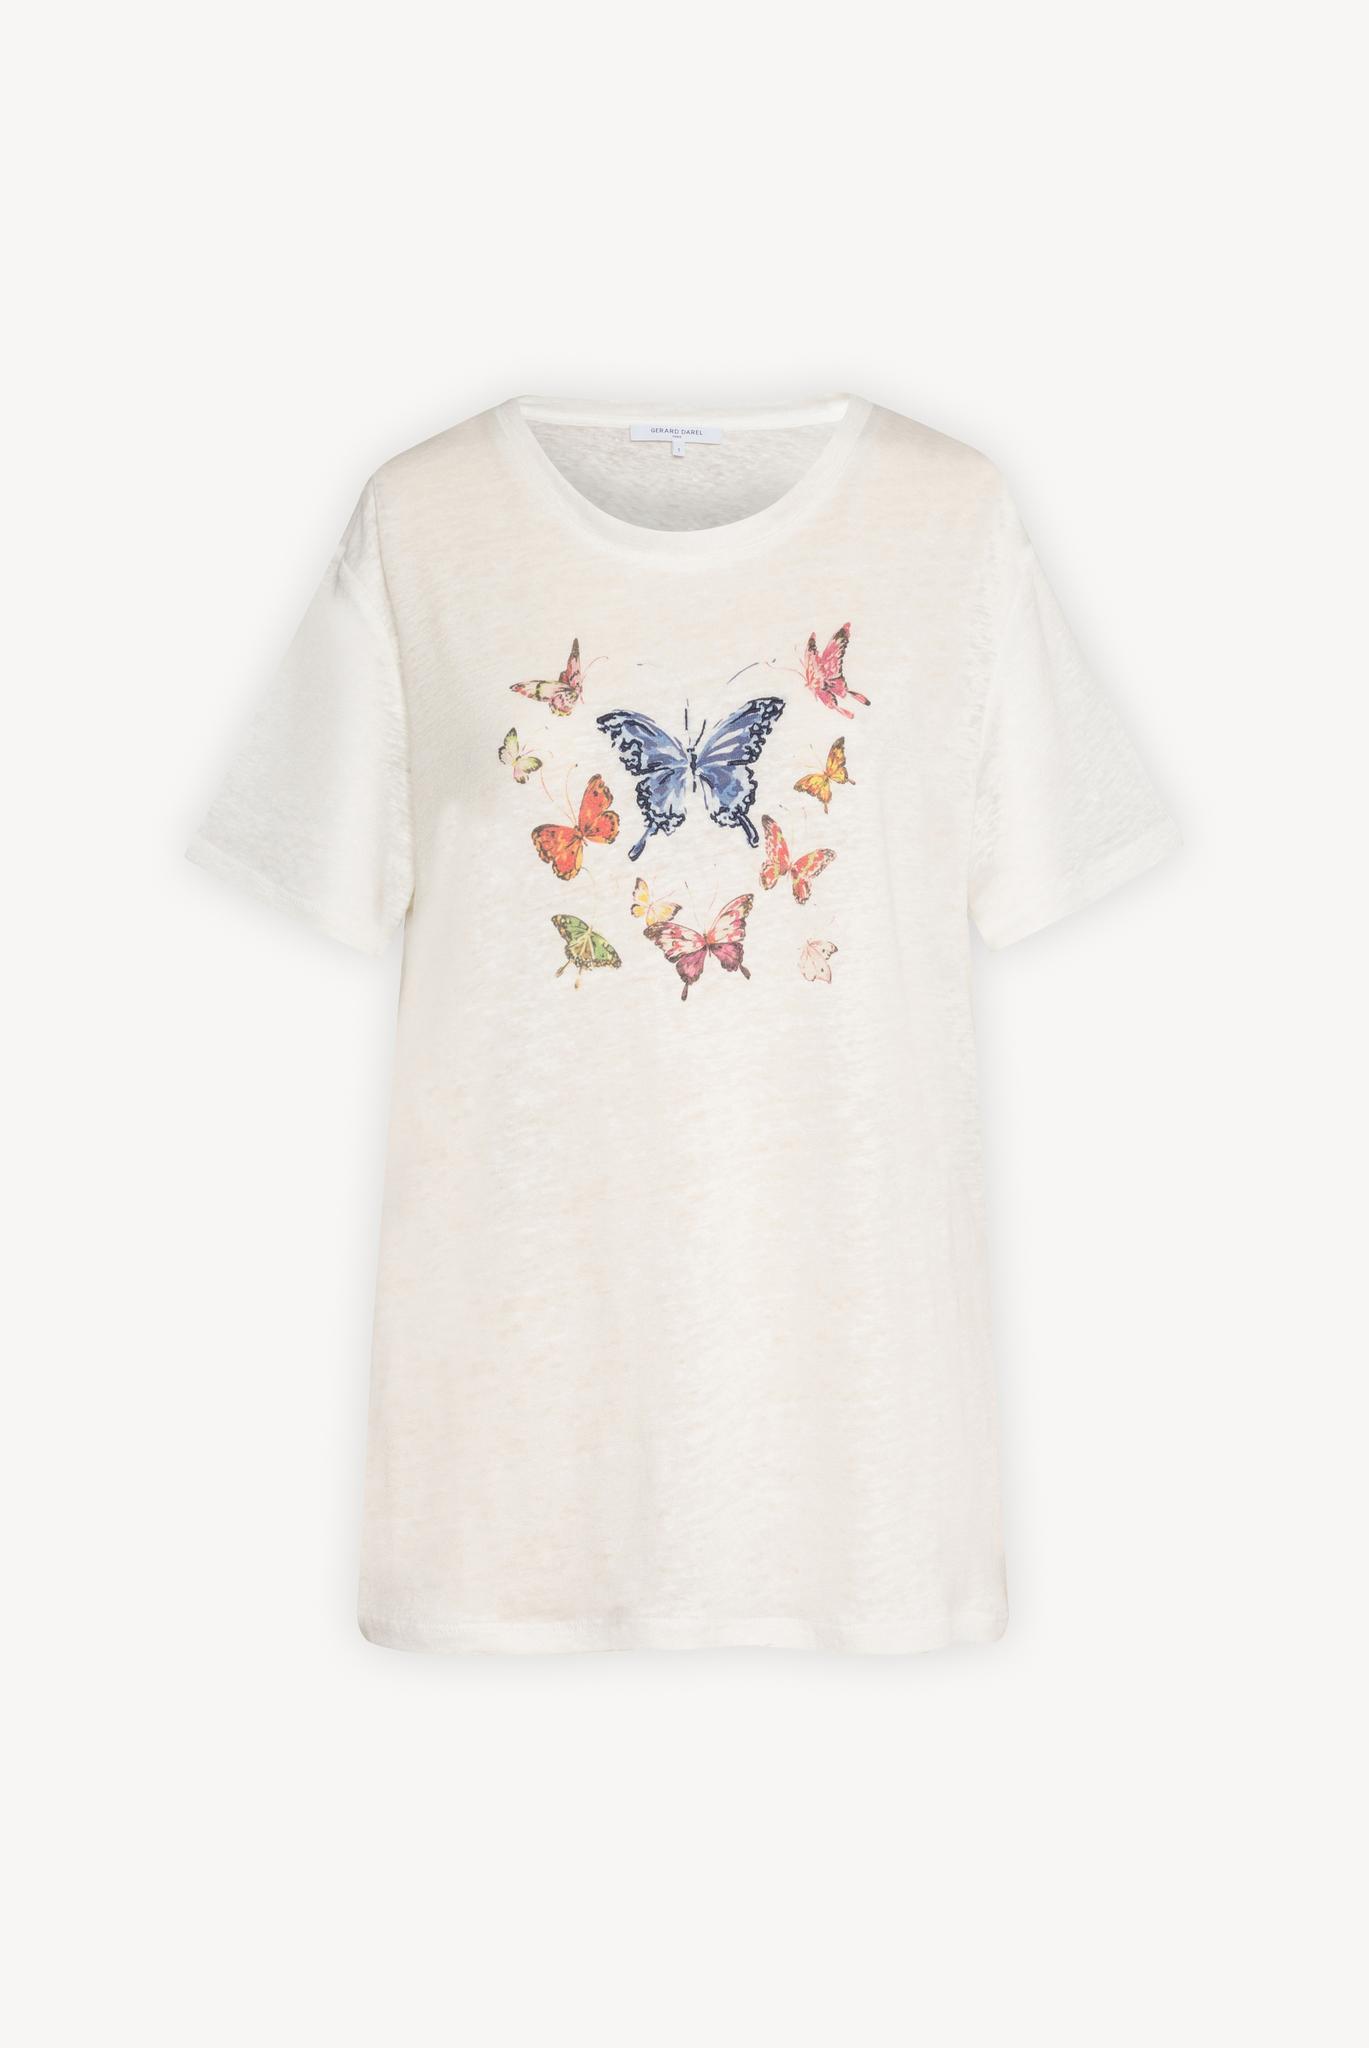 JOSEPH - Льняная футболка с принтом в виде бабочек